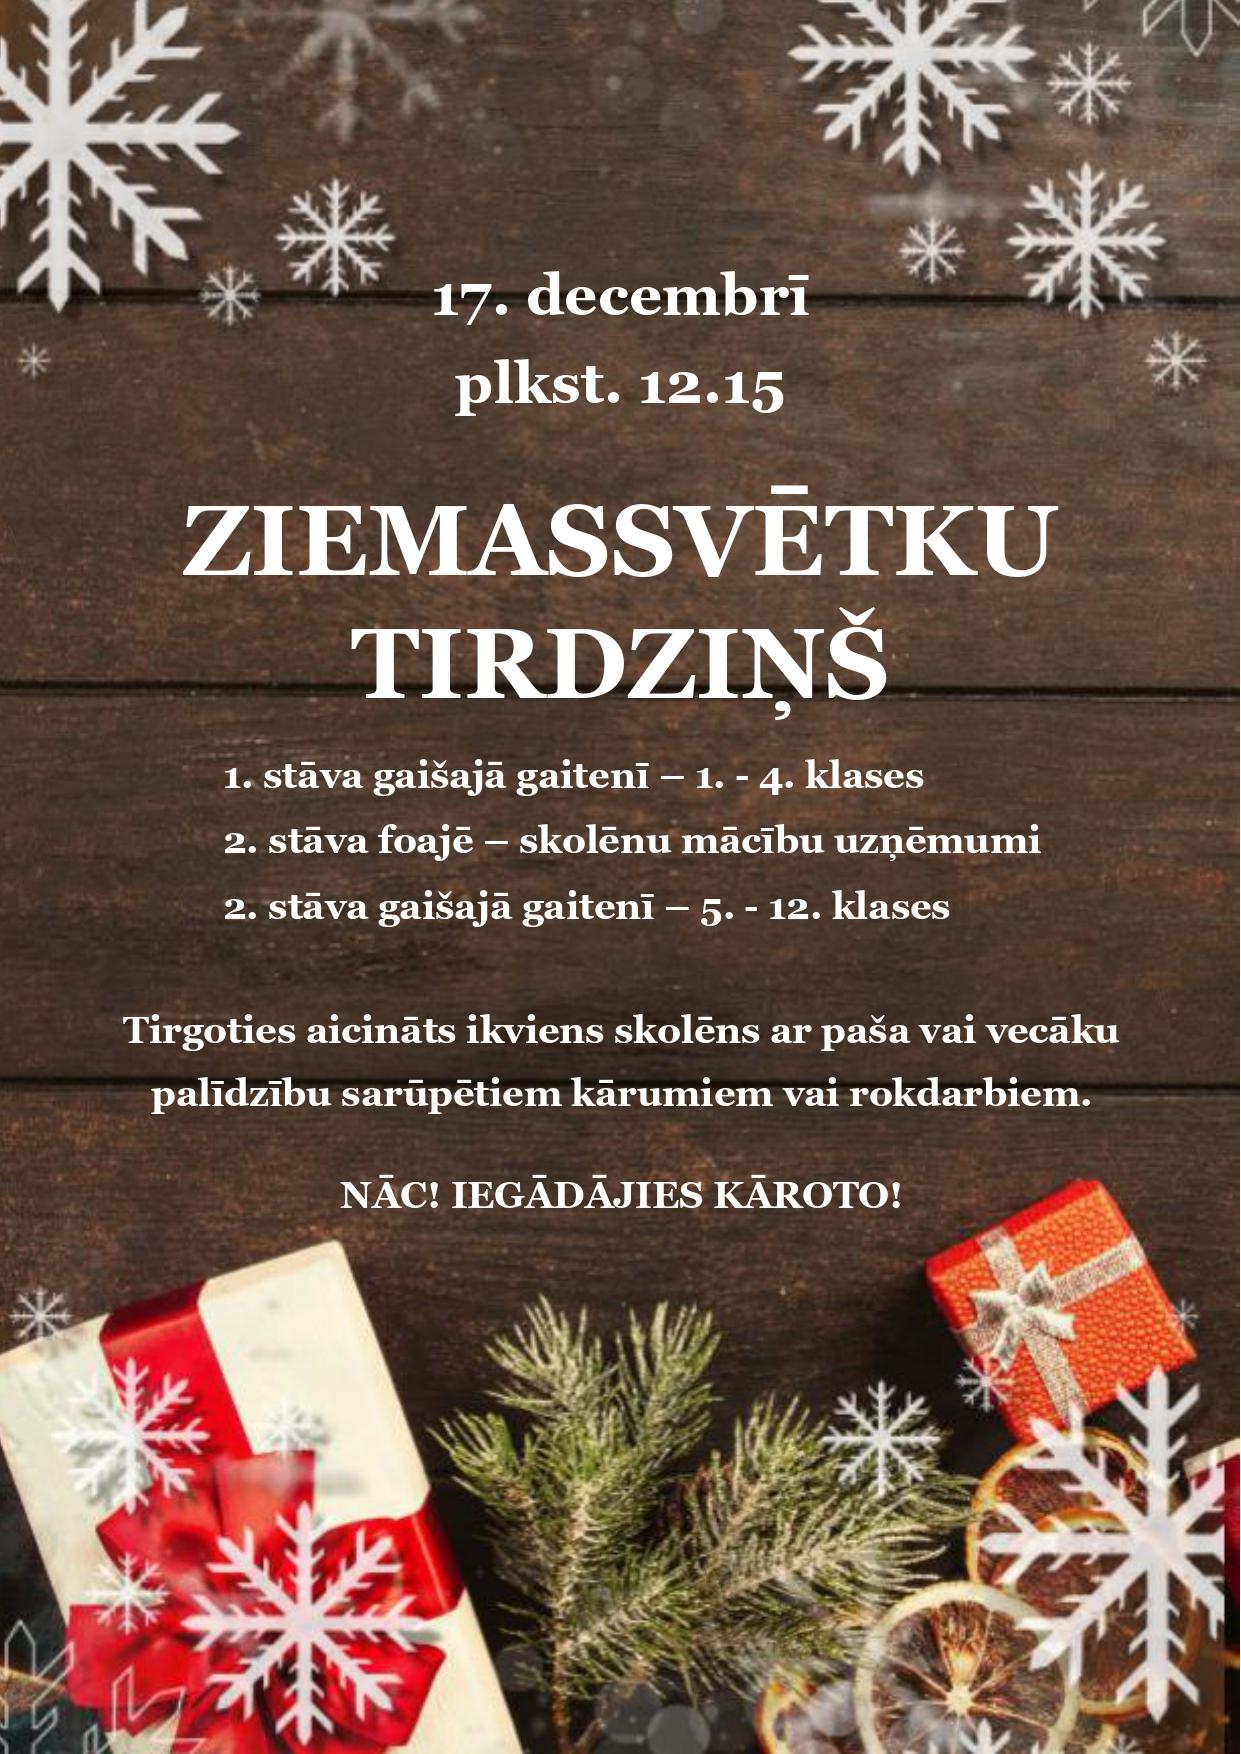 AFISA-ZIEMASSVETKU-TIRDZINS